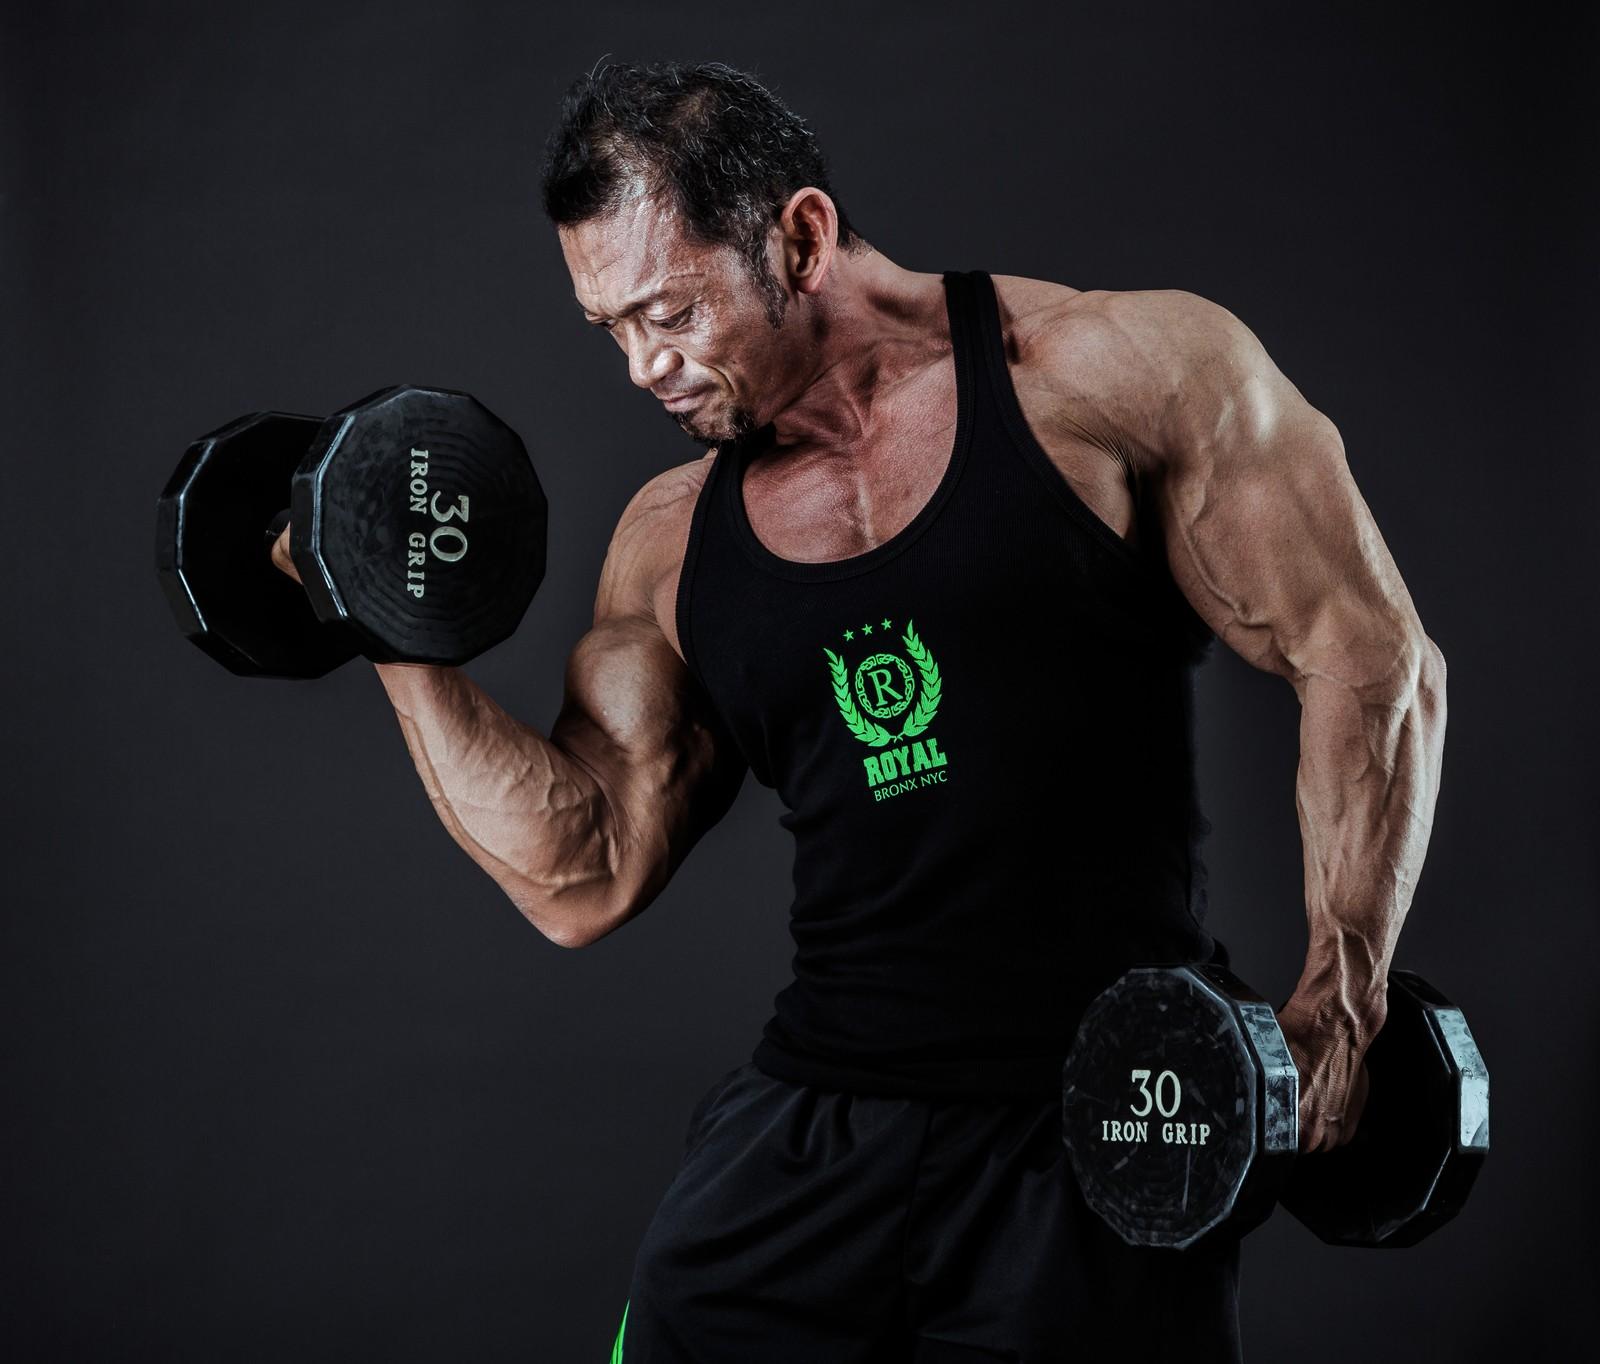 ダンベルを持つ筋肉質の男性